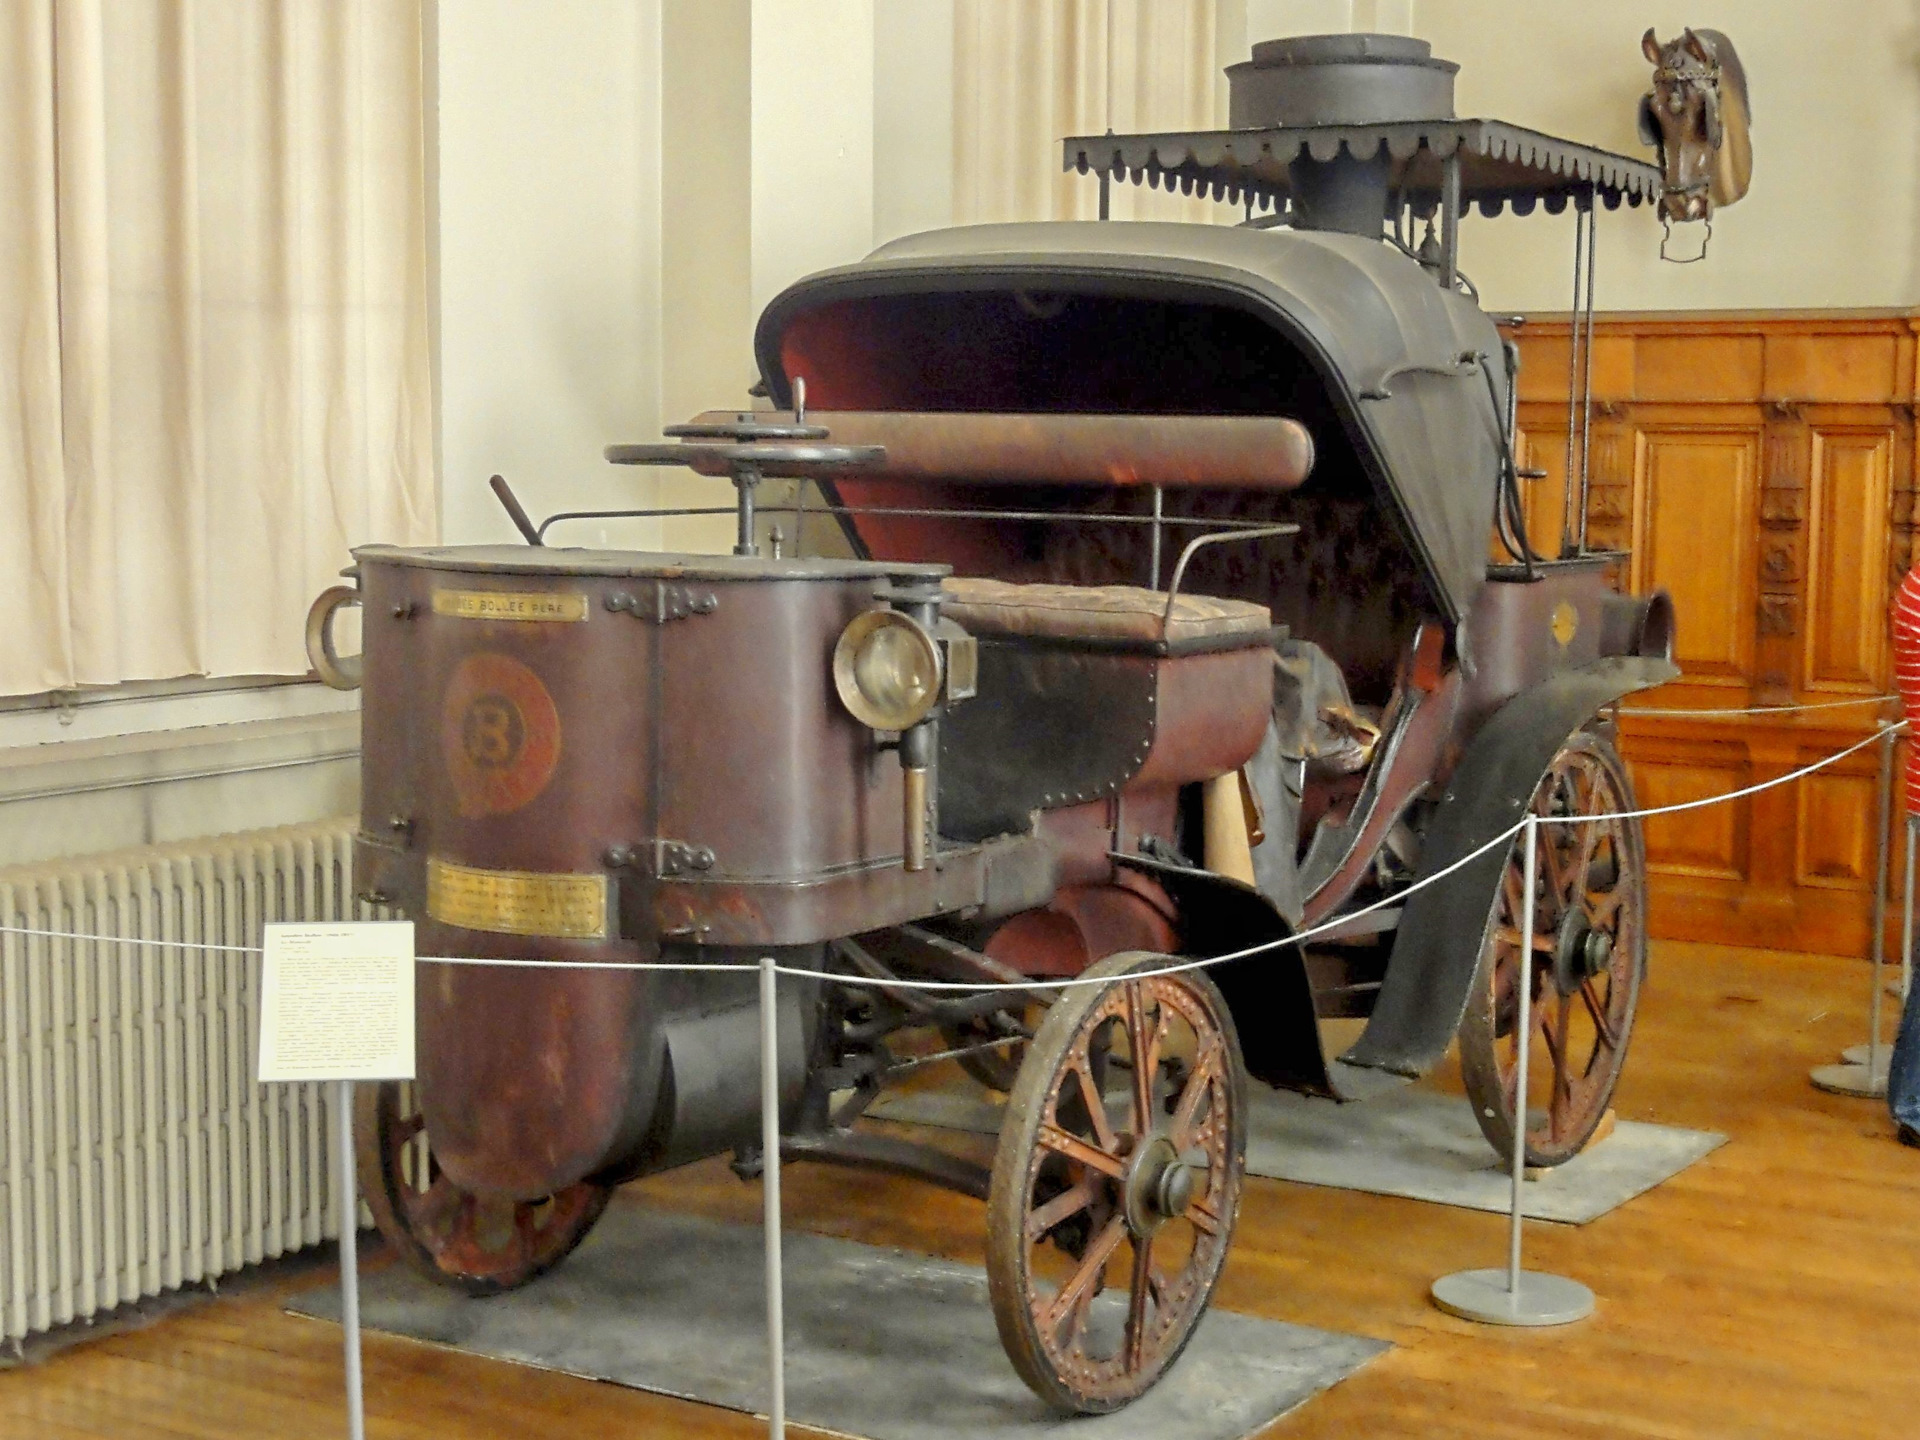 или картинка первого автомобиля с паровым котлом представлены разных размеров